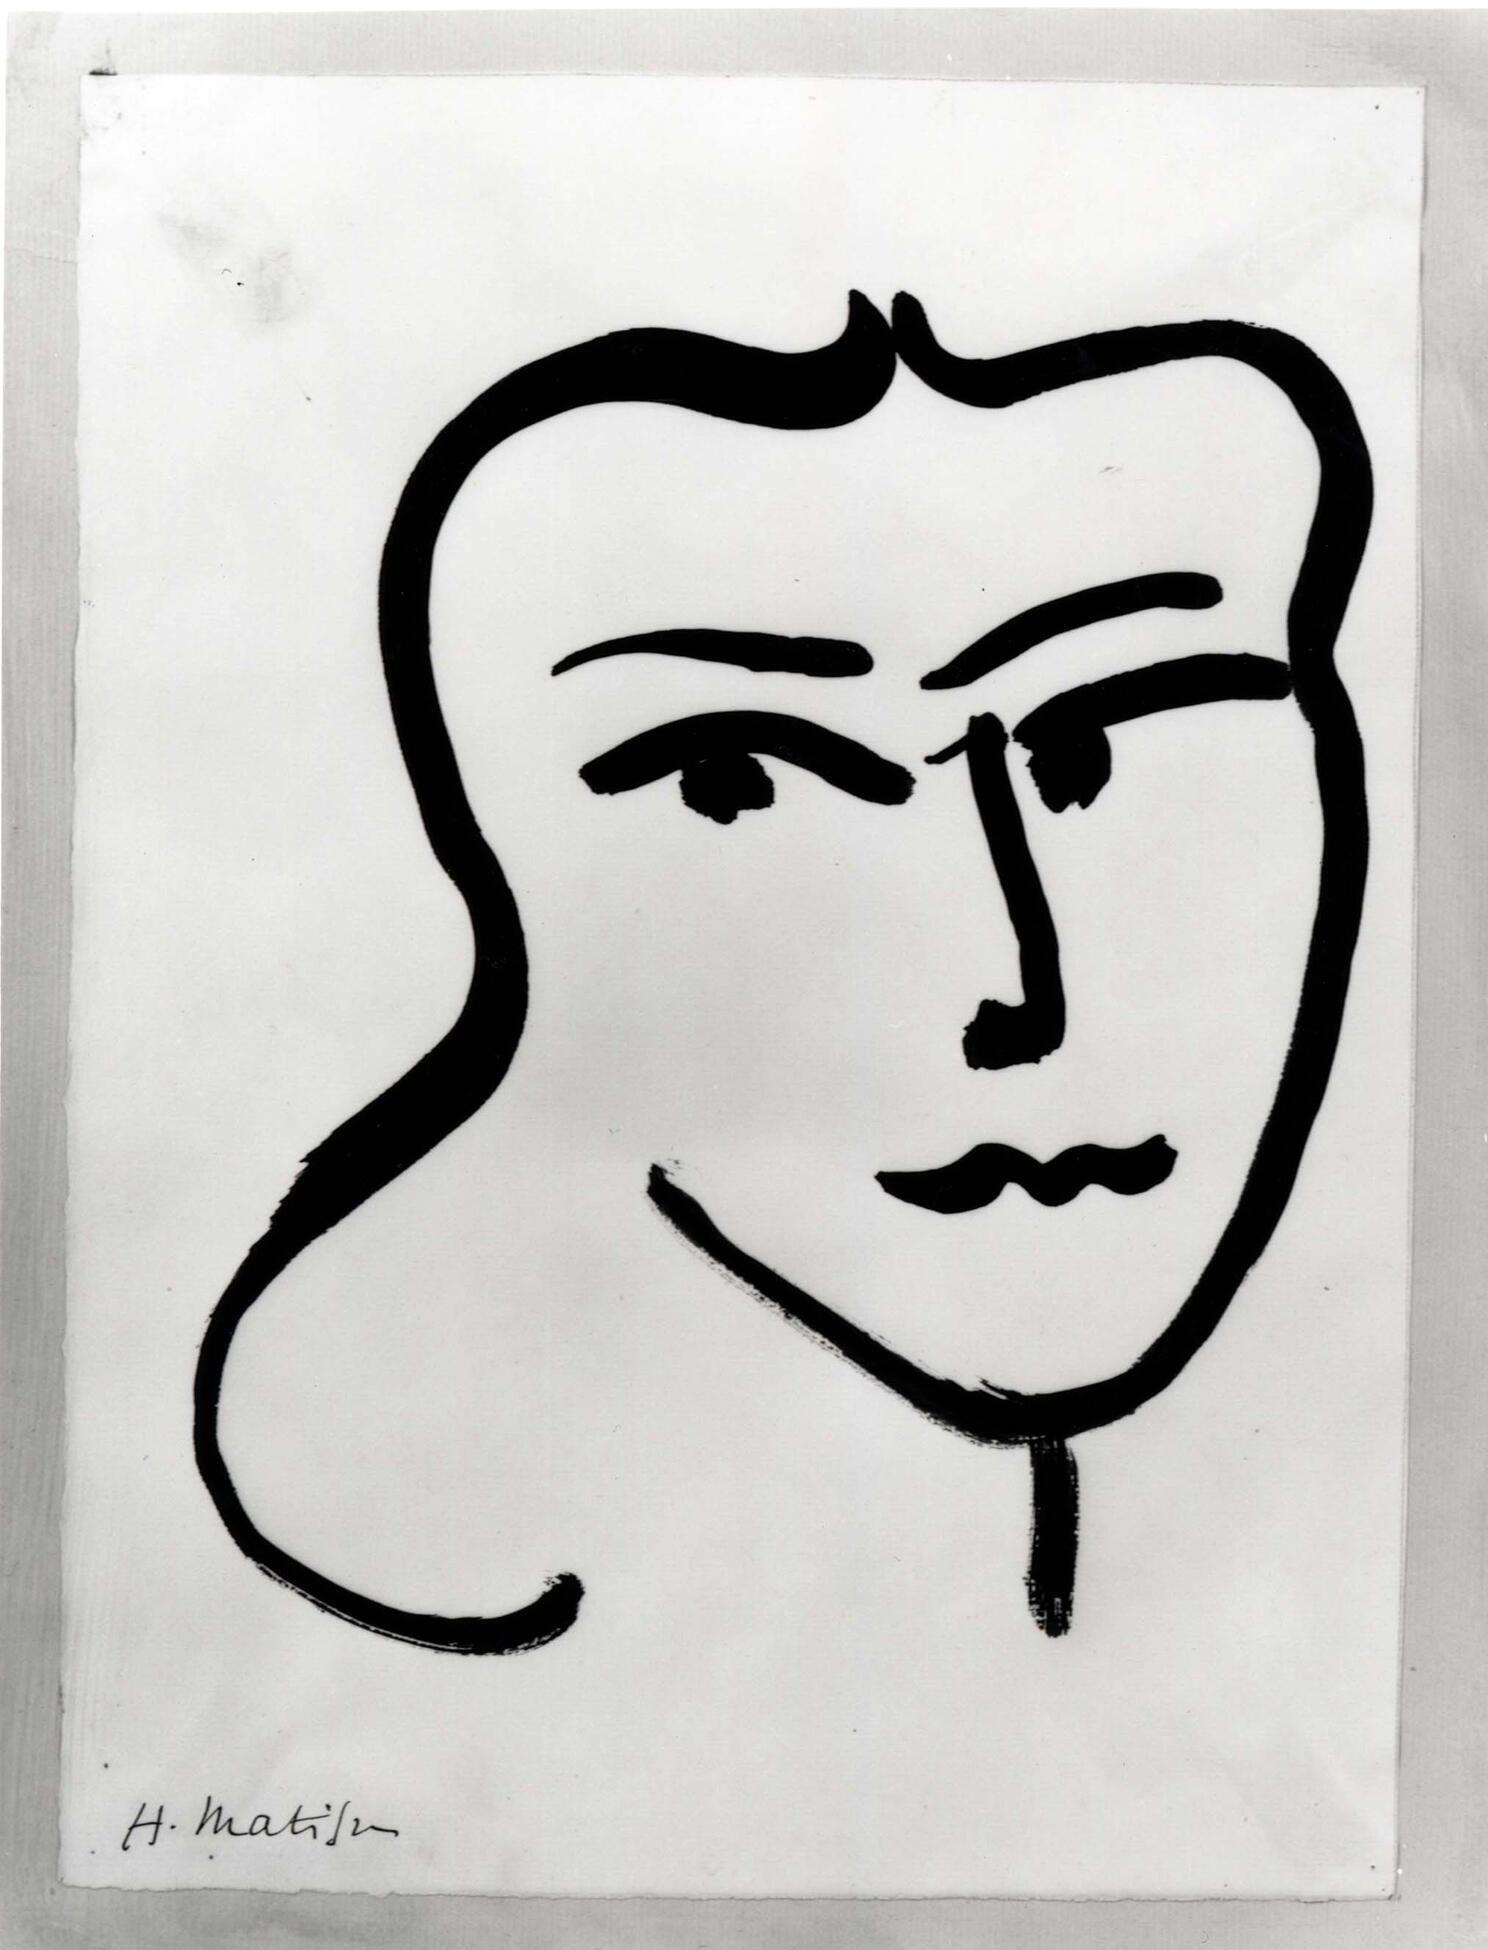 Анри Матисс. Портрет молодой женщины. 1948. кисть / китайская тушь / бумага 36 x 25,6 см. Частная коллекция